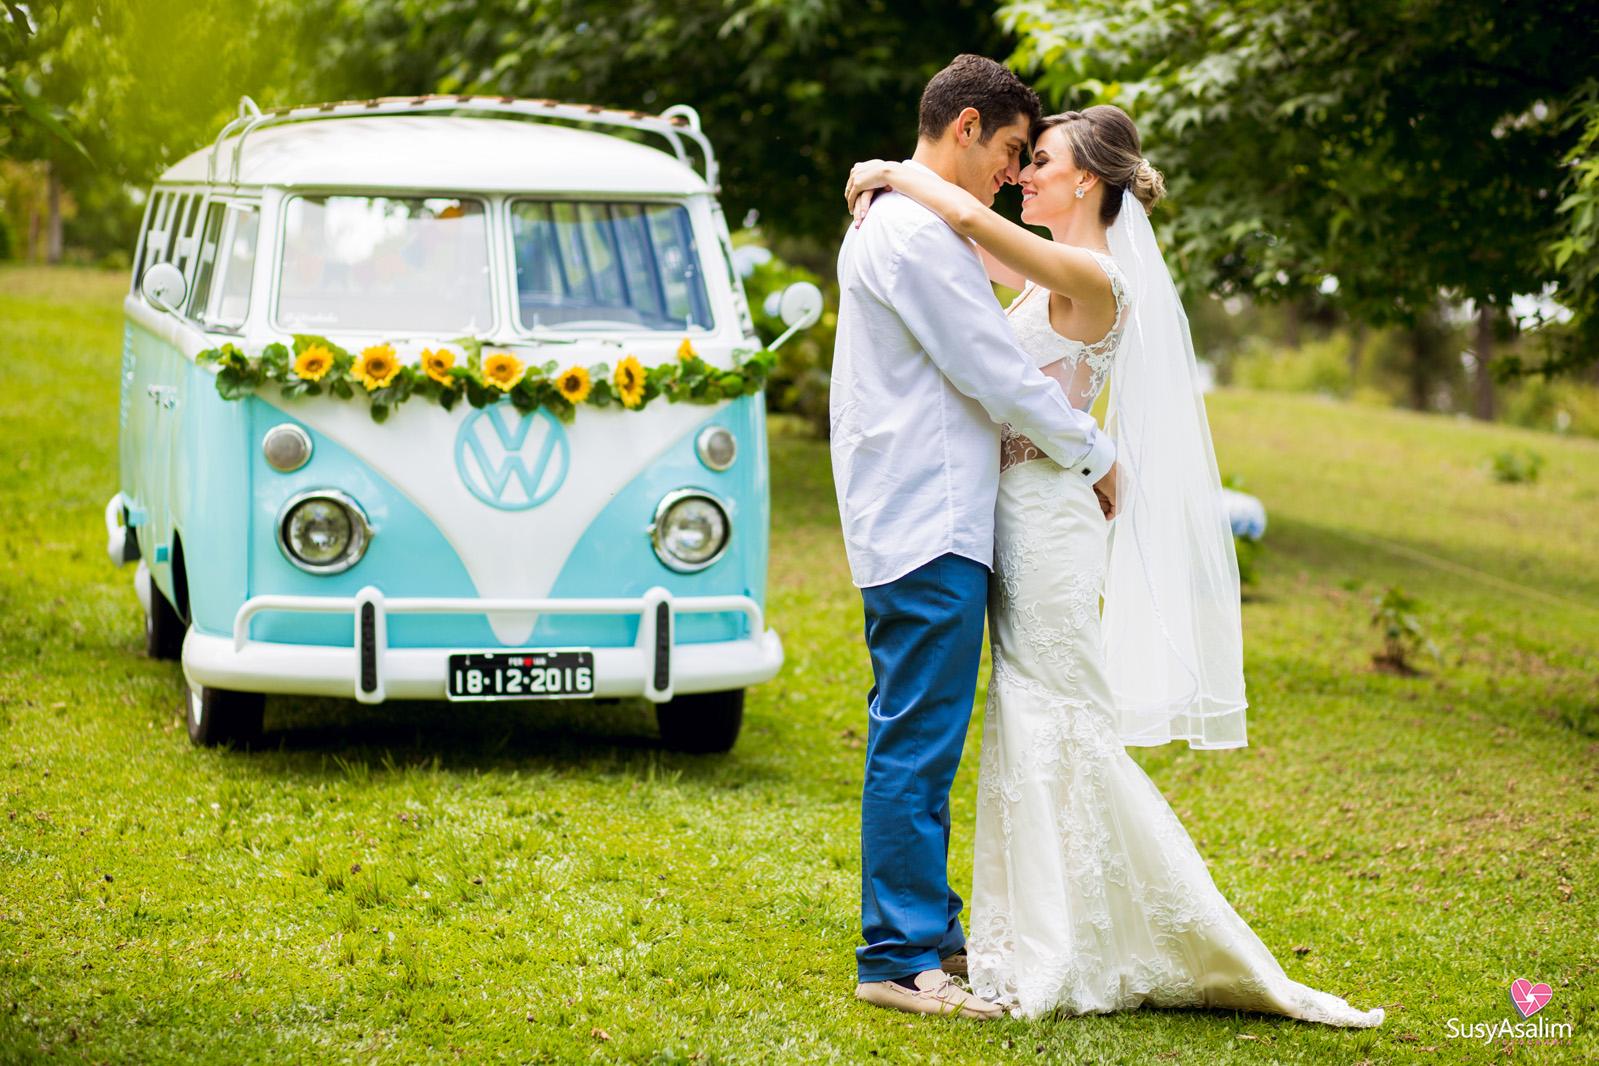 Fotografia de casamento Curitiba - Fer e Ian - Estancia Kanaan